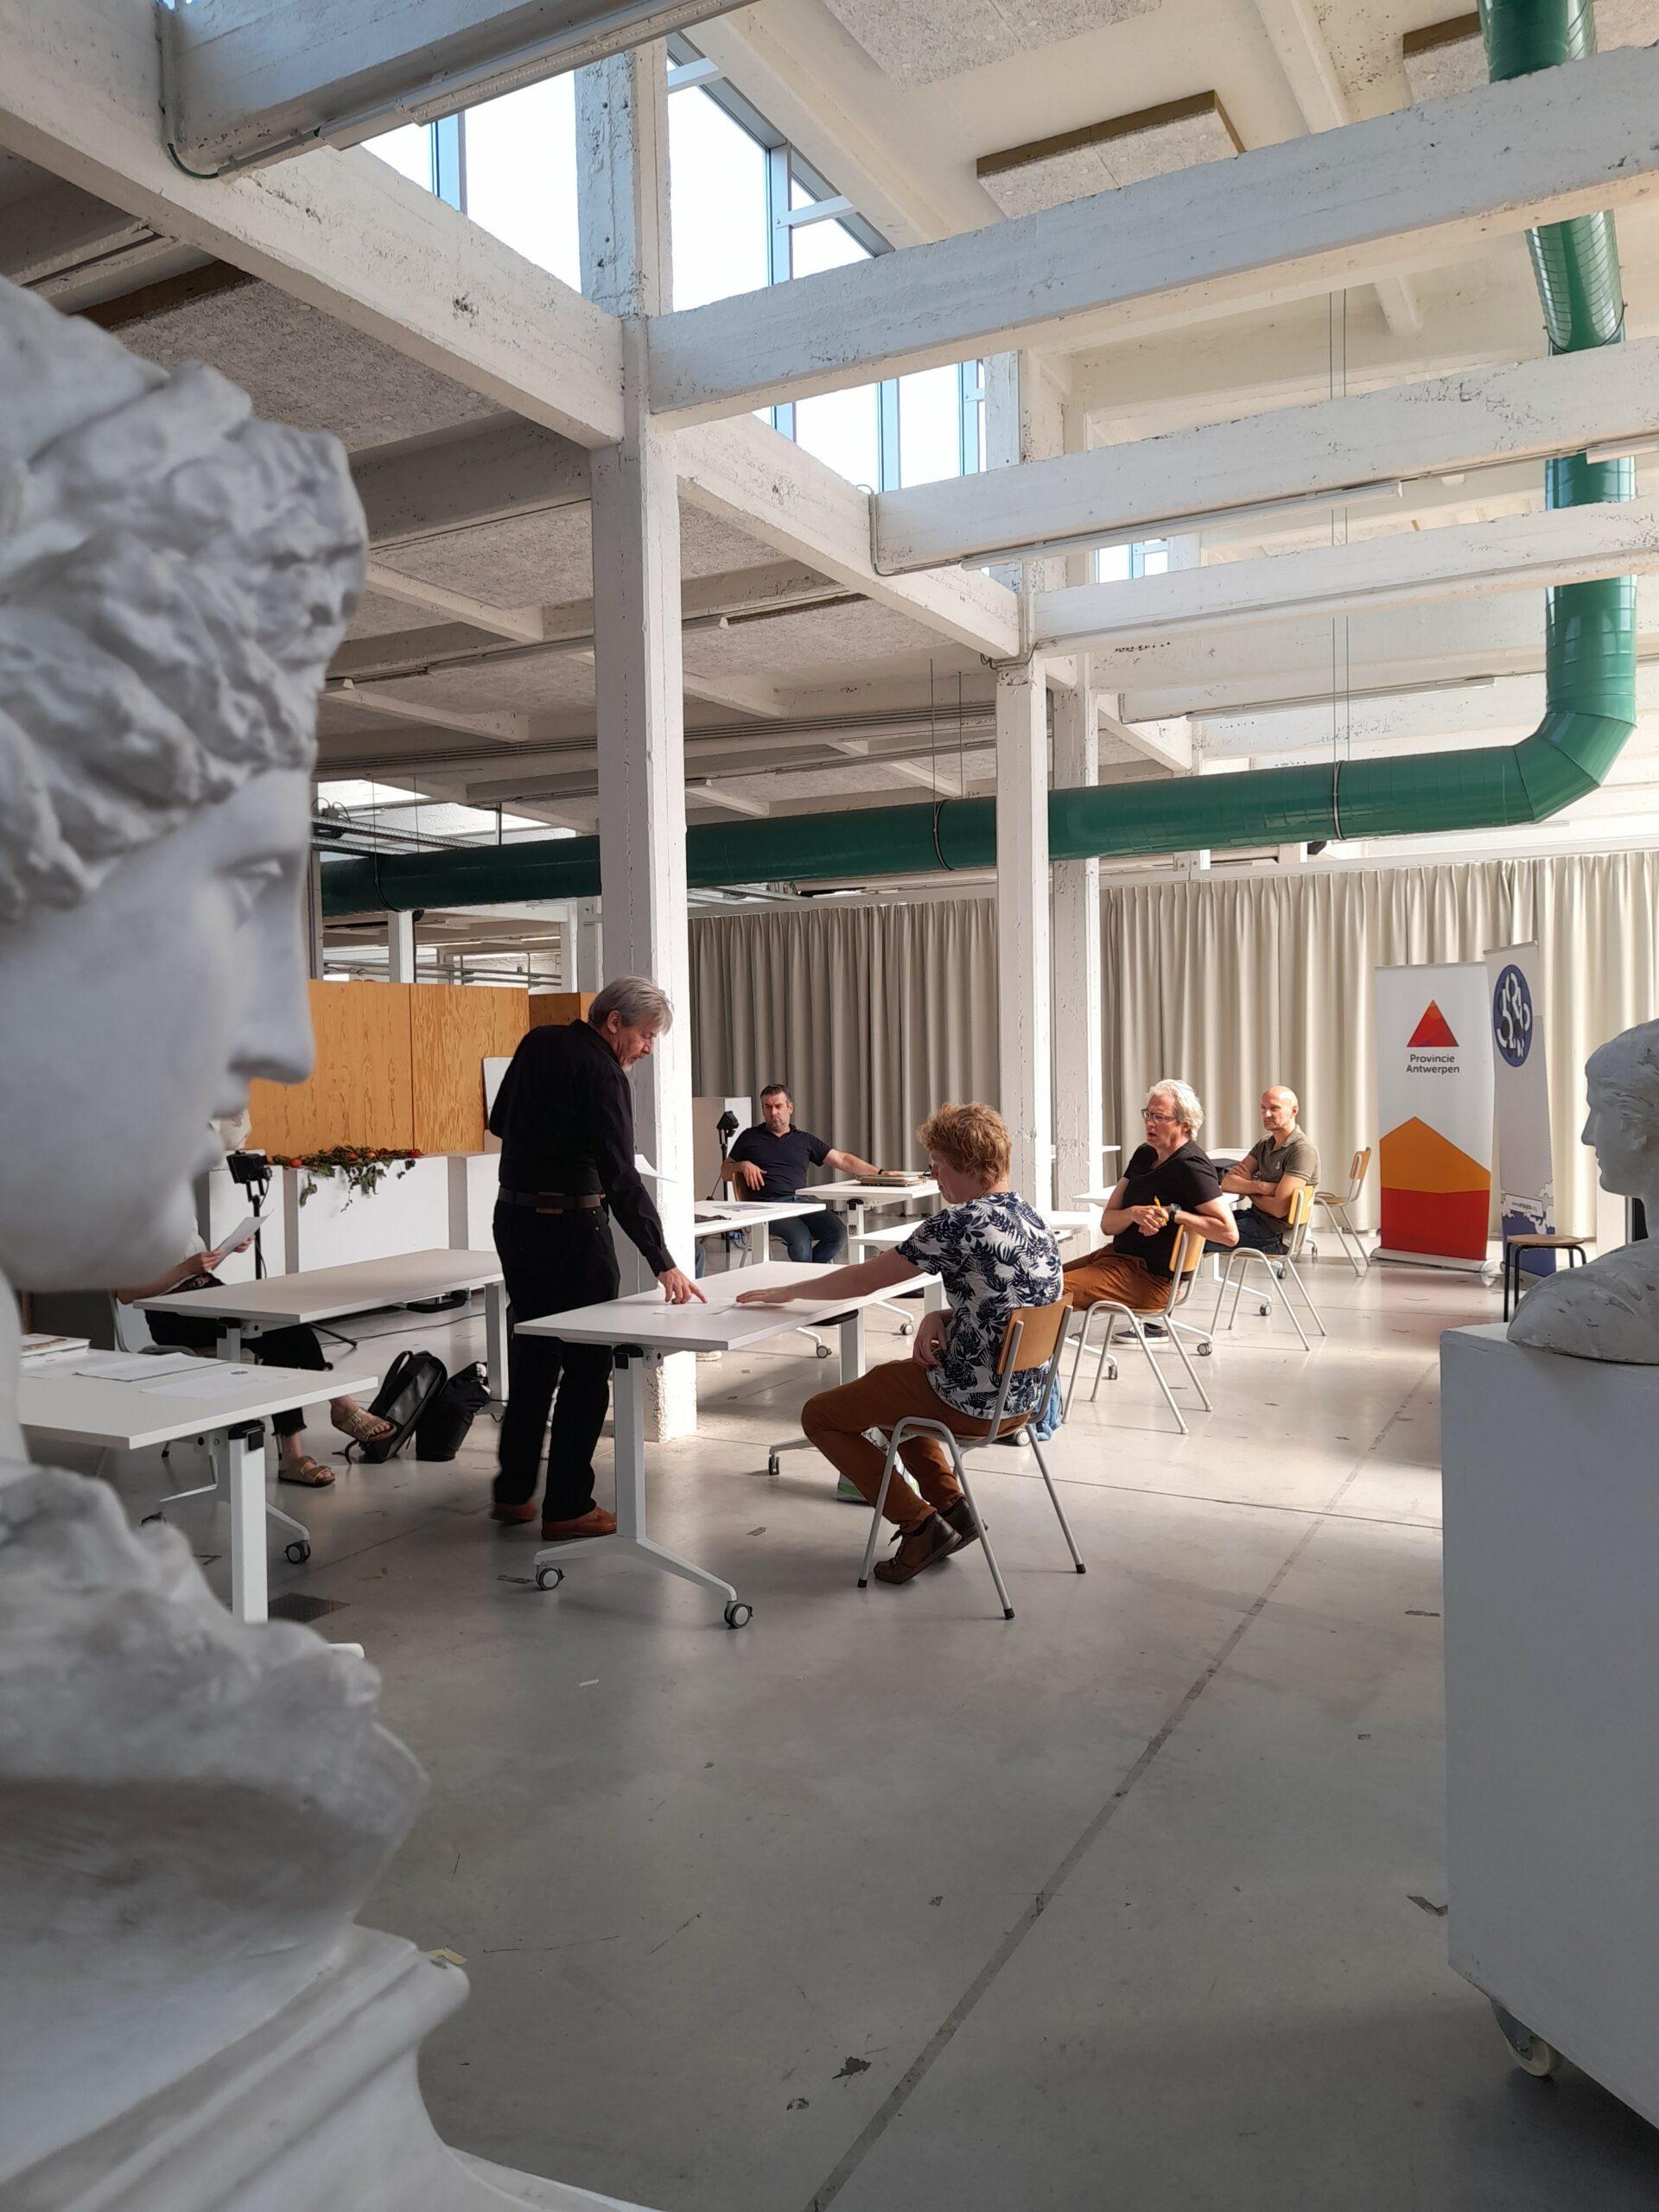 Academie Turnhout (c) Lieve Quadflieg